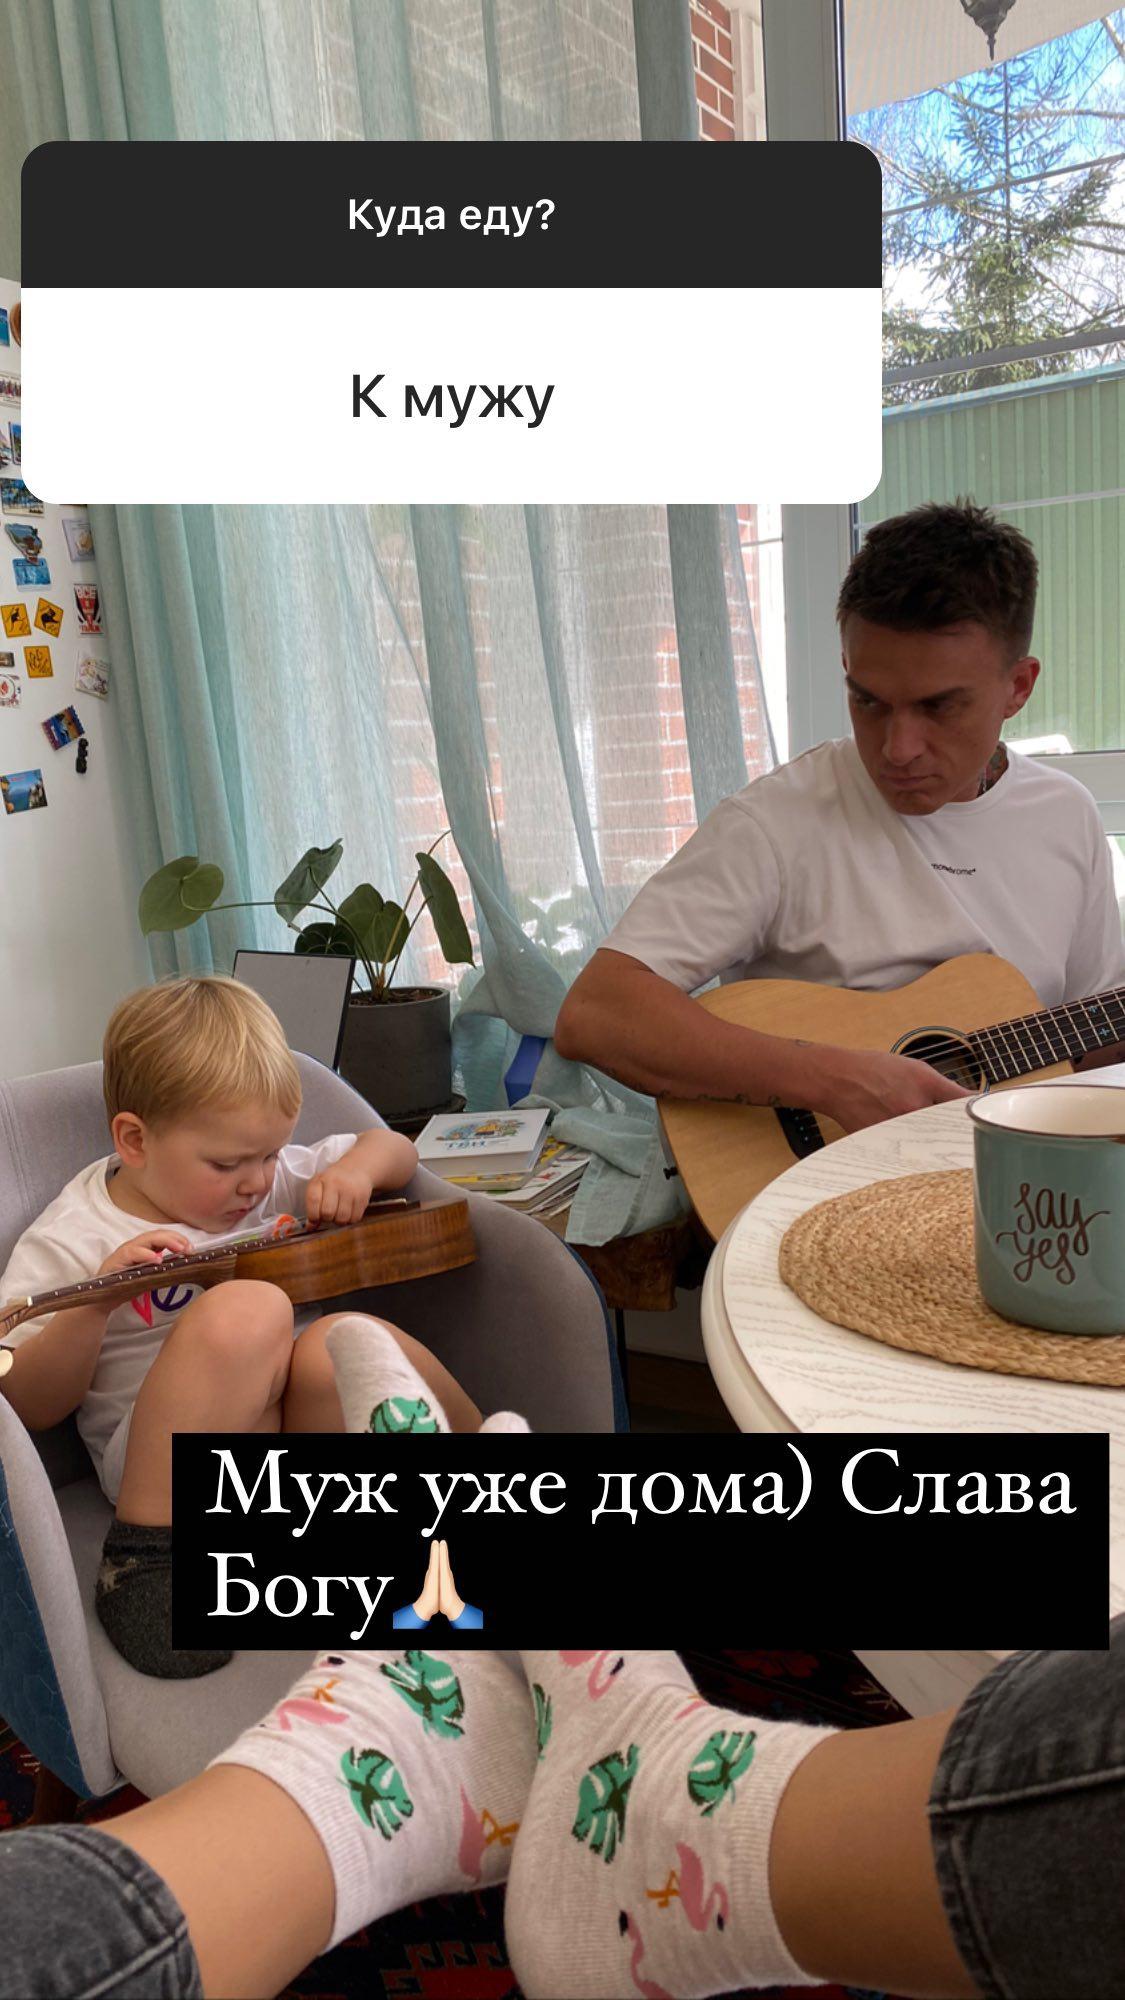 Влад Топалов вернулся домой после операции